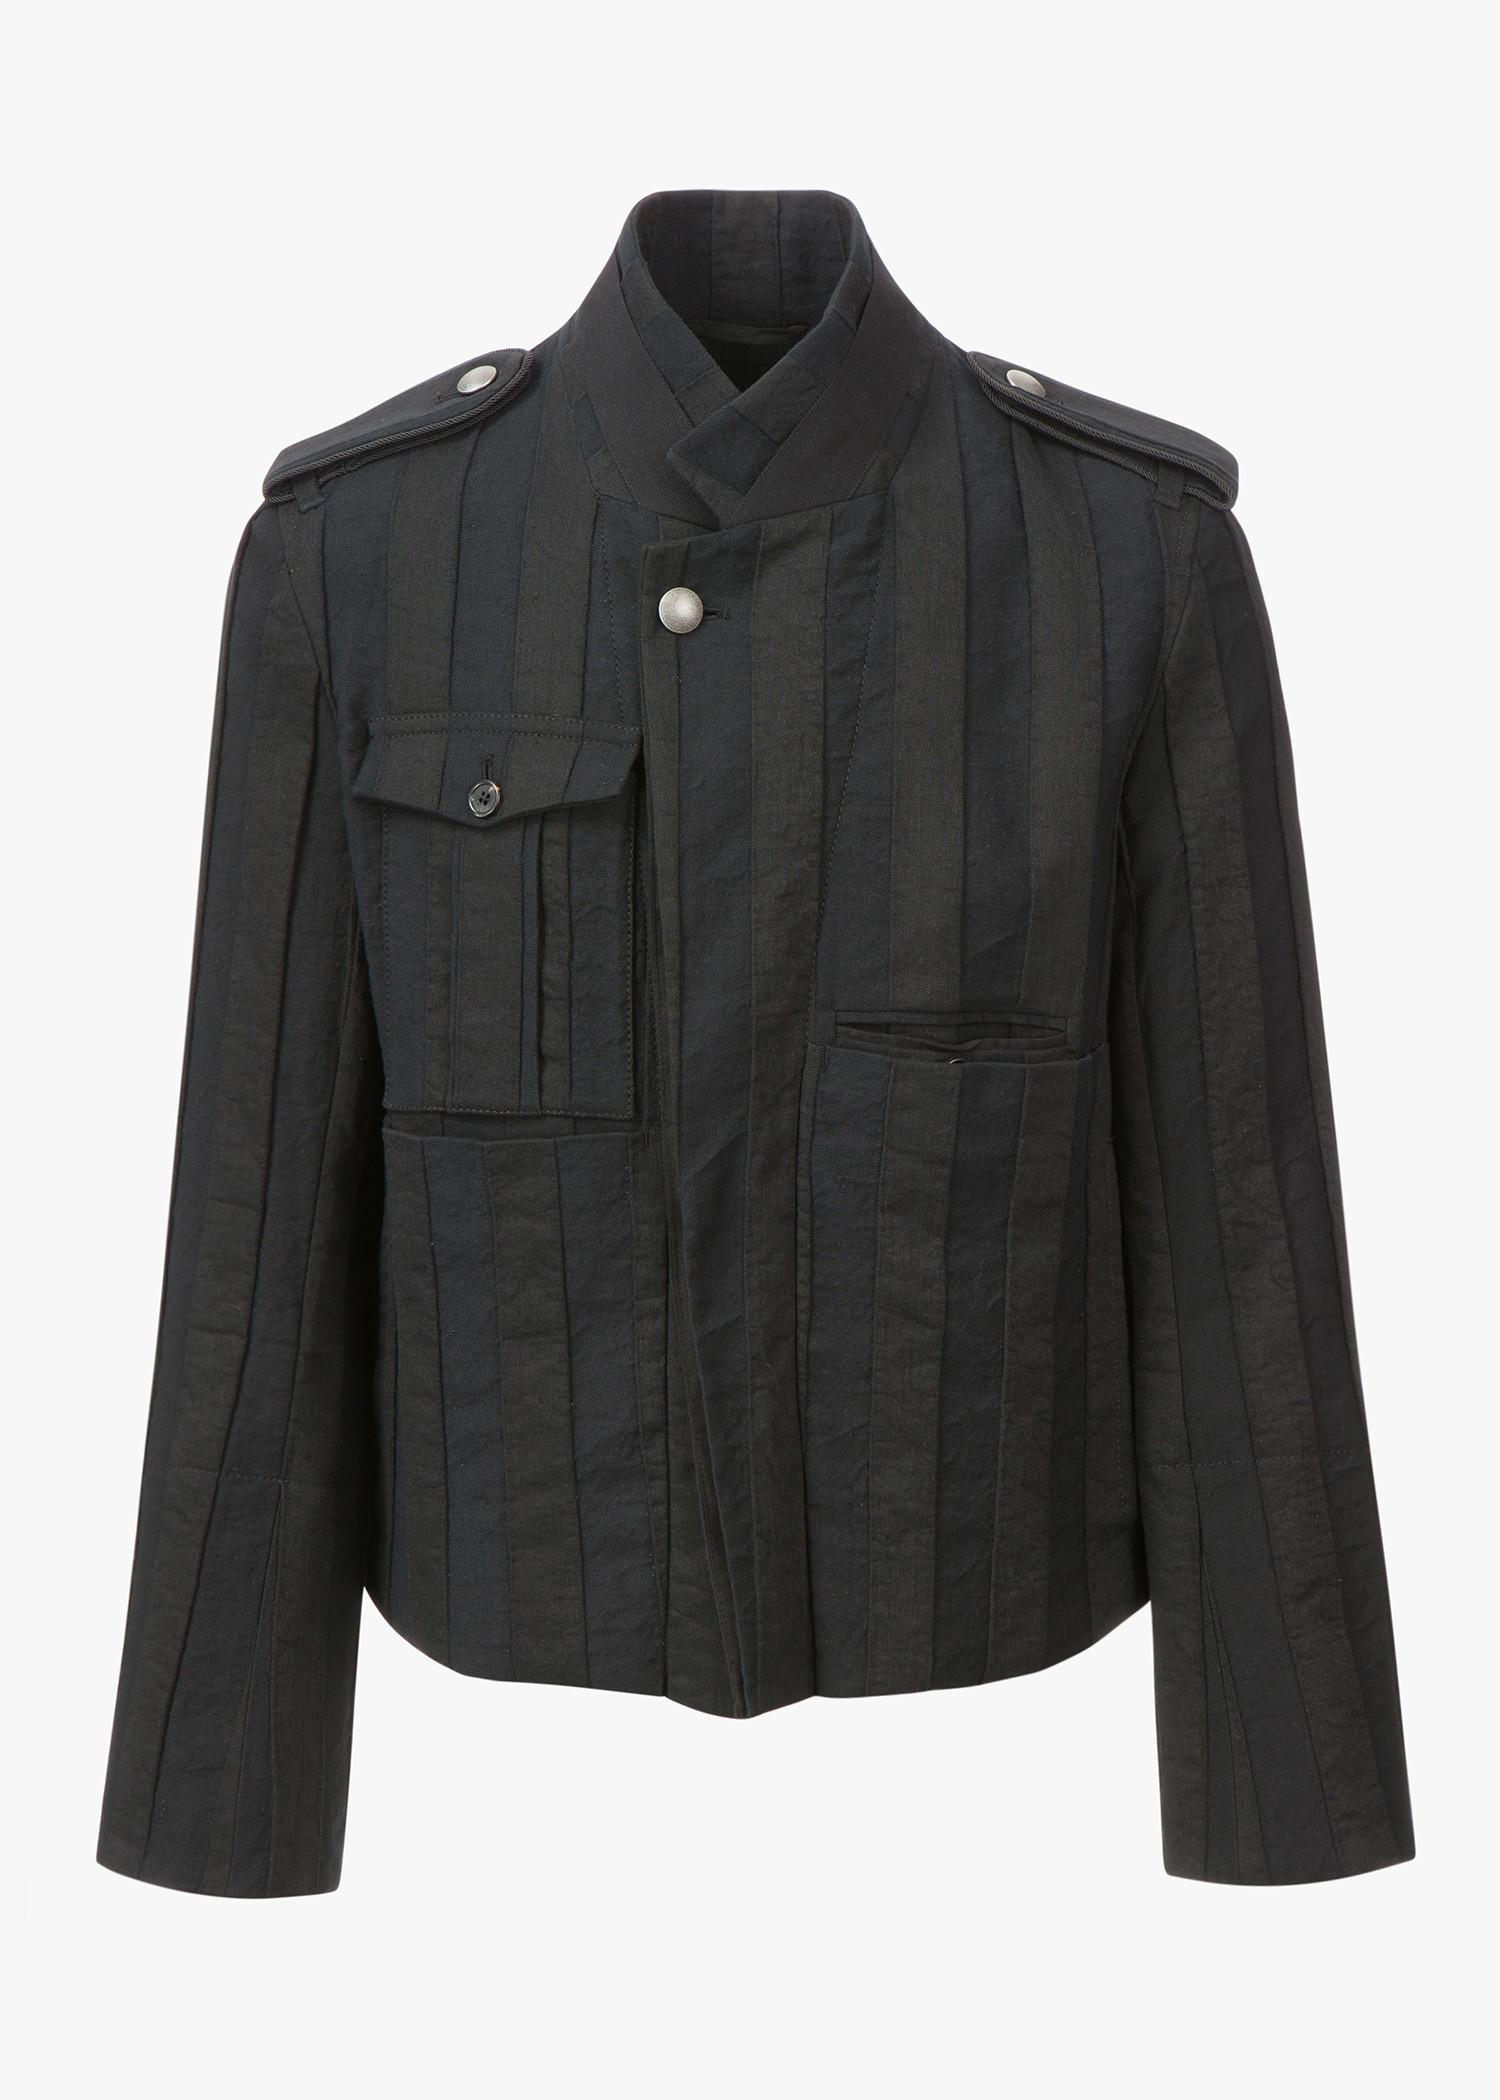 Ann Demeulemeester One Chest Pocket Blouson In Black